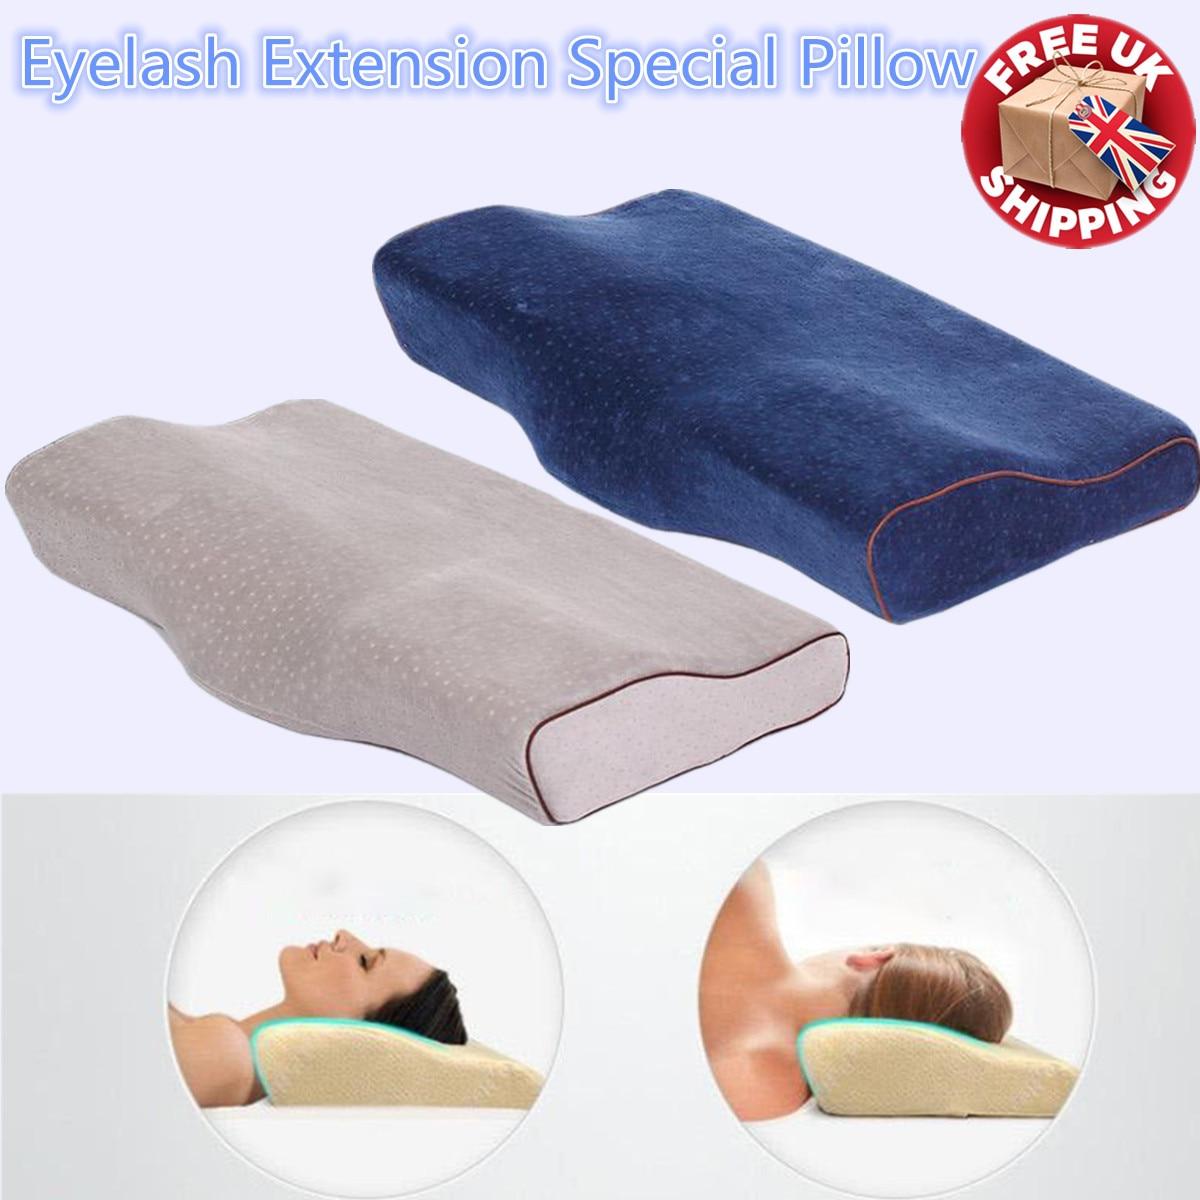 Profissional almofada de extensão de cílios memória espuma lash travesseiro enxertia especial ergonômico cervical aliviar a ferramenta de pressão cervical